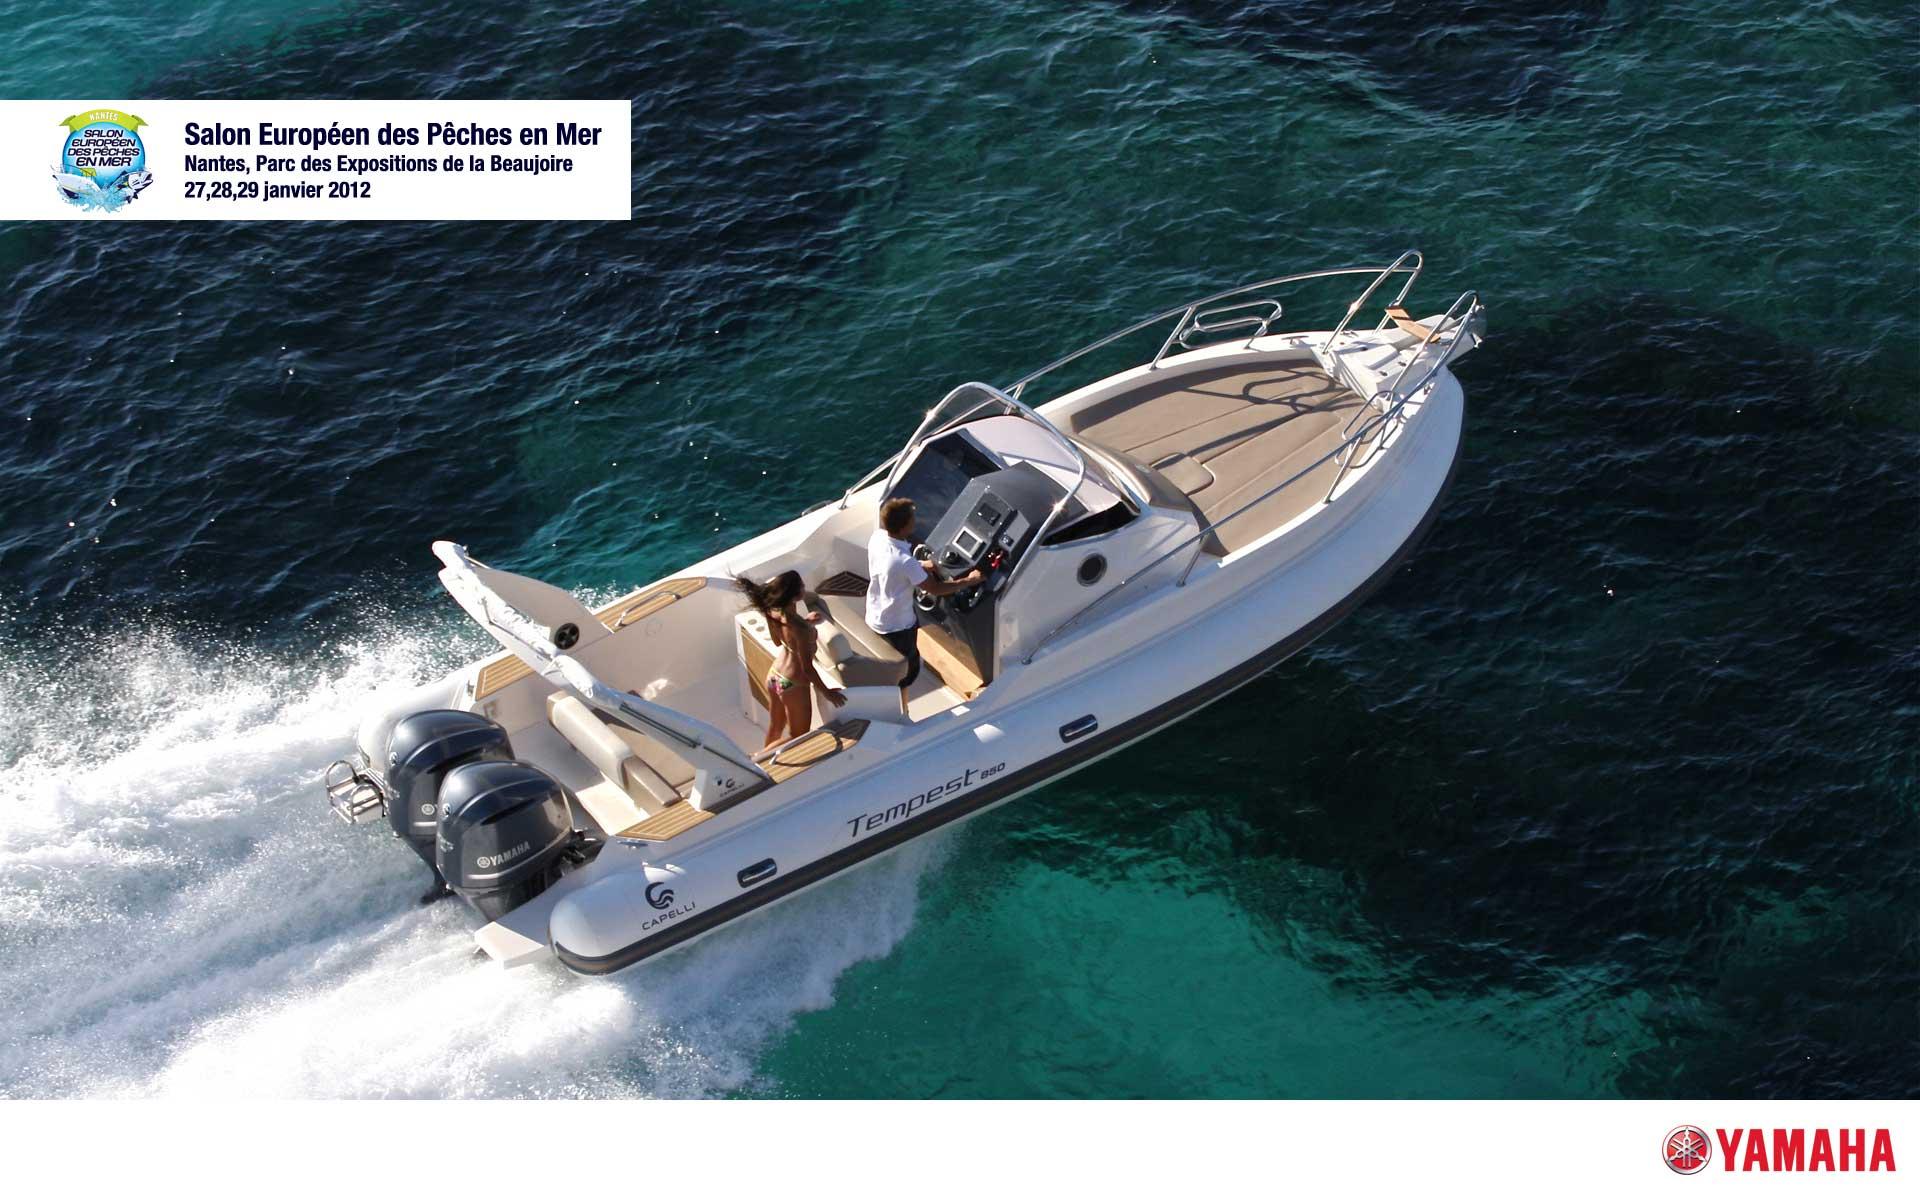 Salon nautique les gammes capelli tempest et pacific craft for Salon nautique nantes